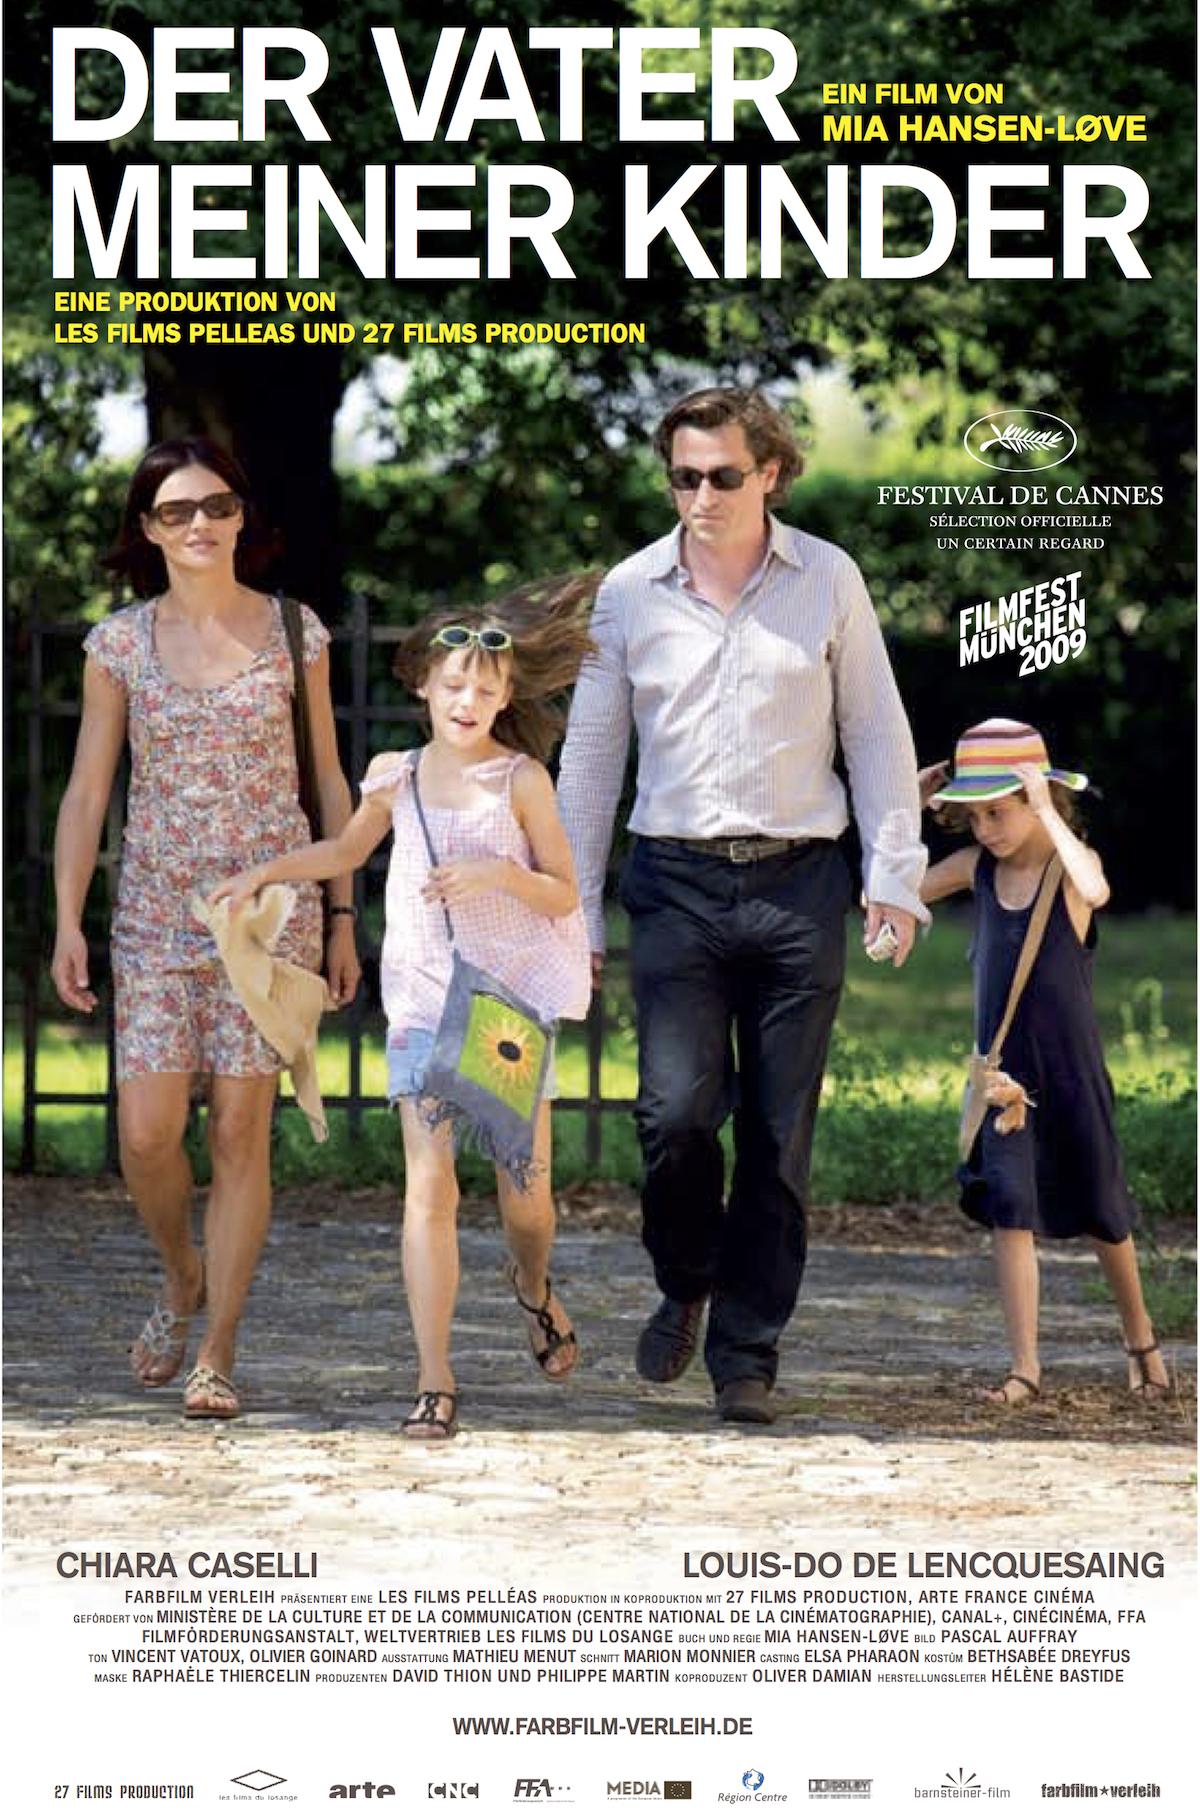 2010_Der_Vater_meiner_Kinder_27_Films_Production.jpg